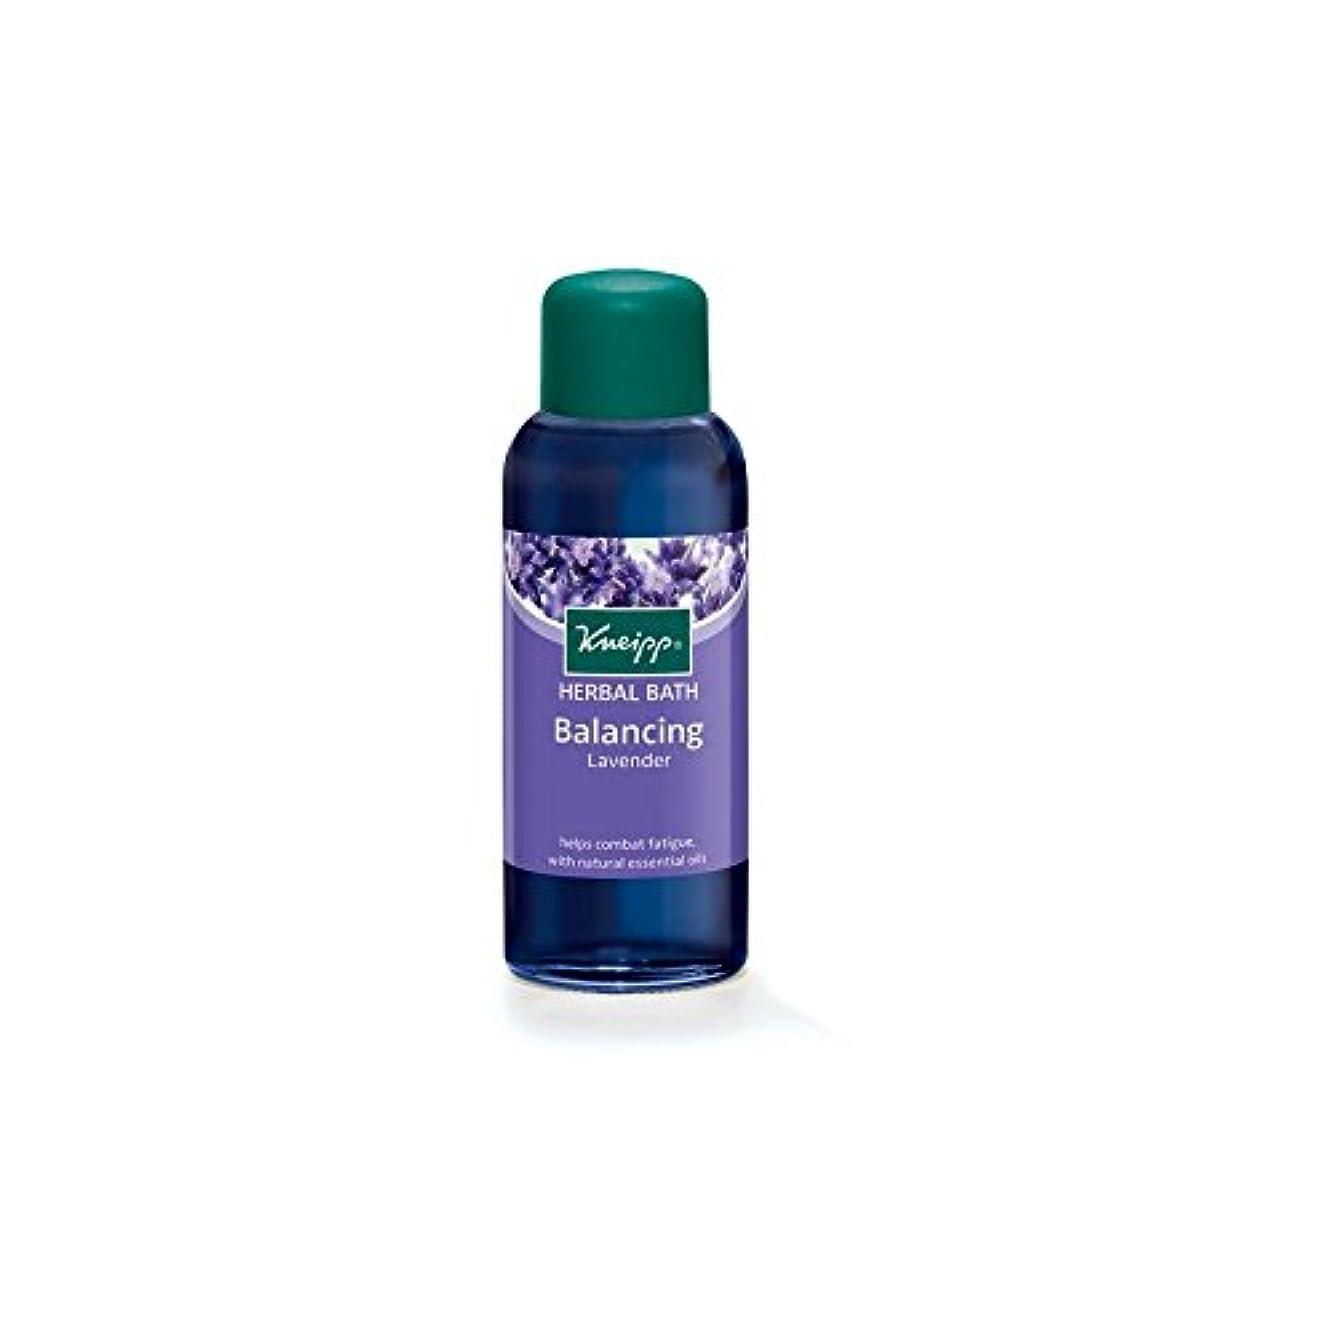 登場デコレーション思想クナイプのバランスハーバルラベンダーバスオイル(100ミリリットル) x2 - Kneipp Balancing Herbal Lavender Bath Oil (100ml) (Pack of 2) [並行輸入品]